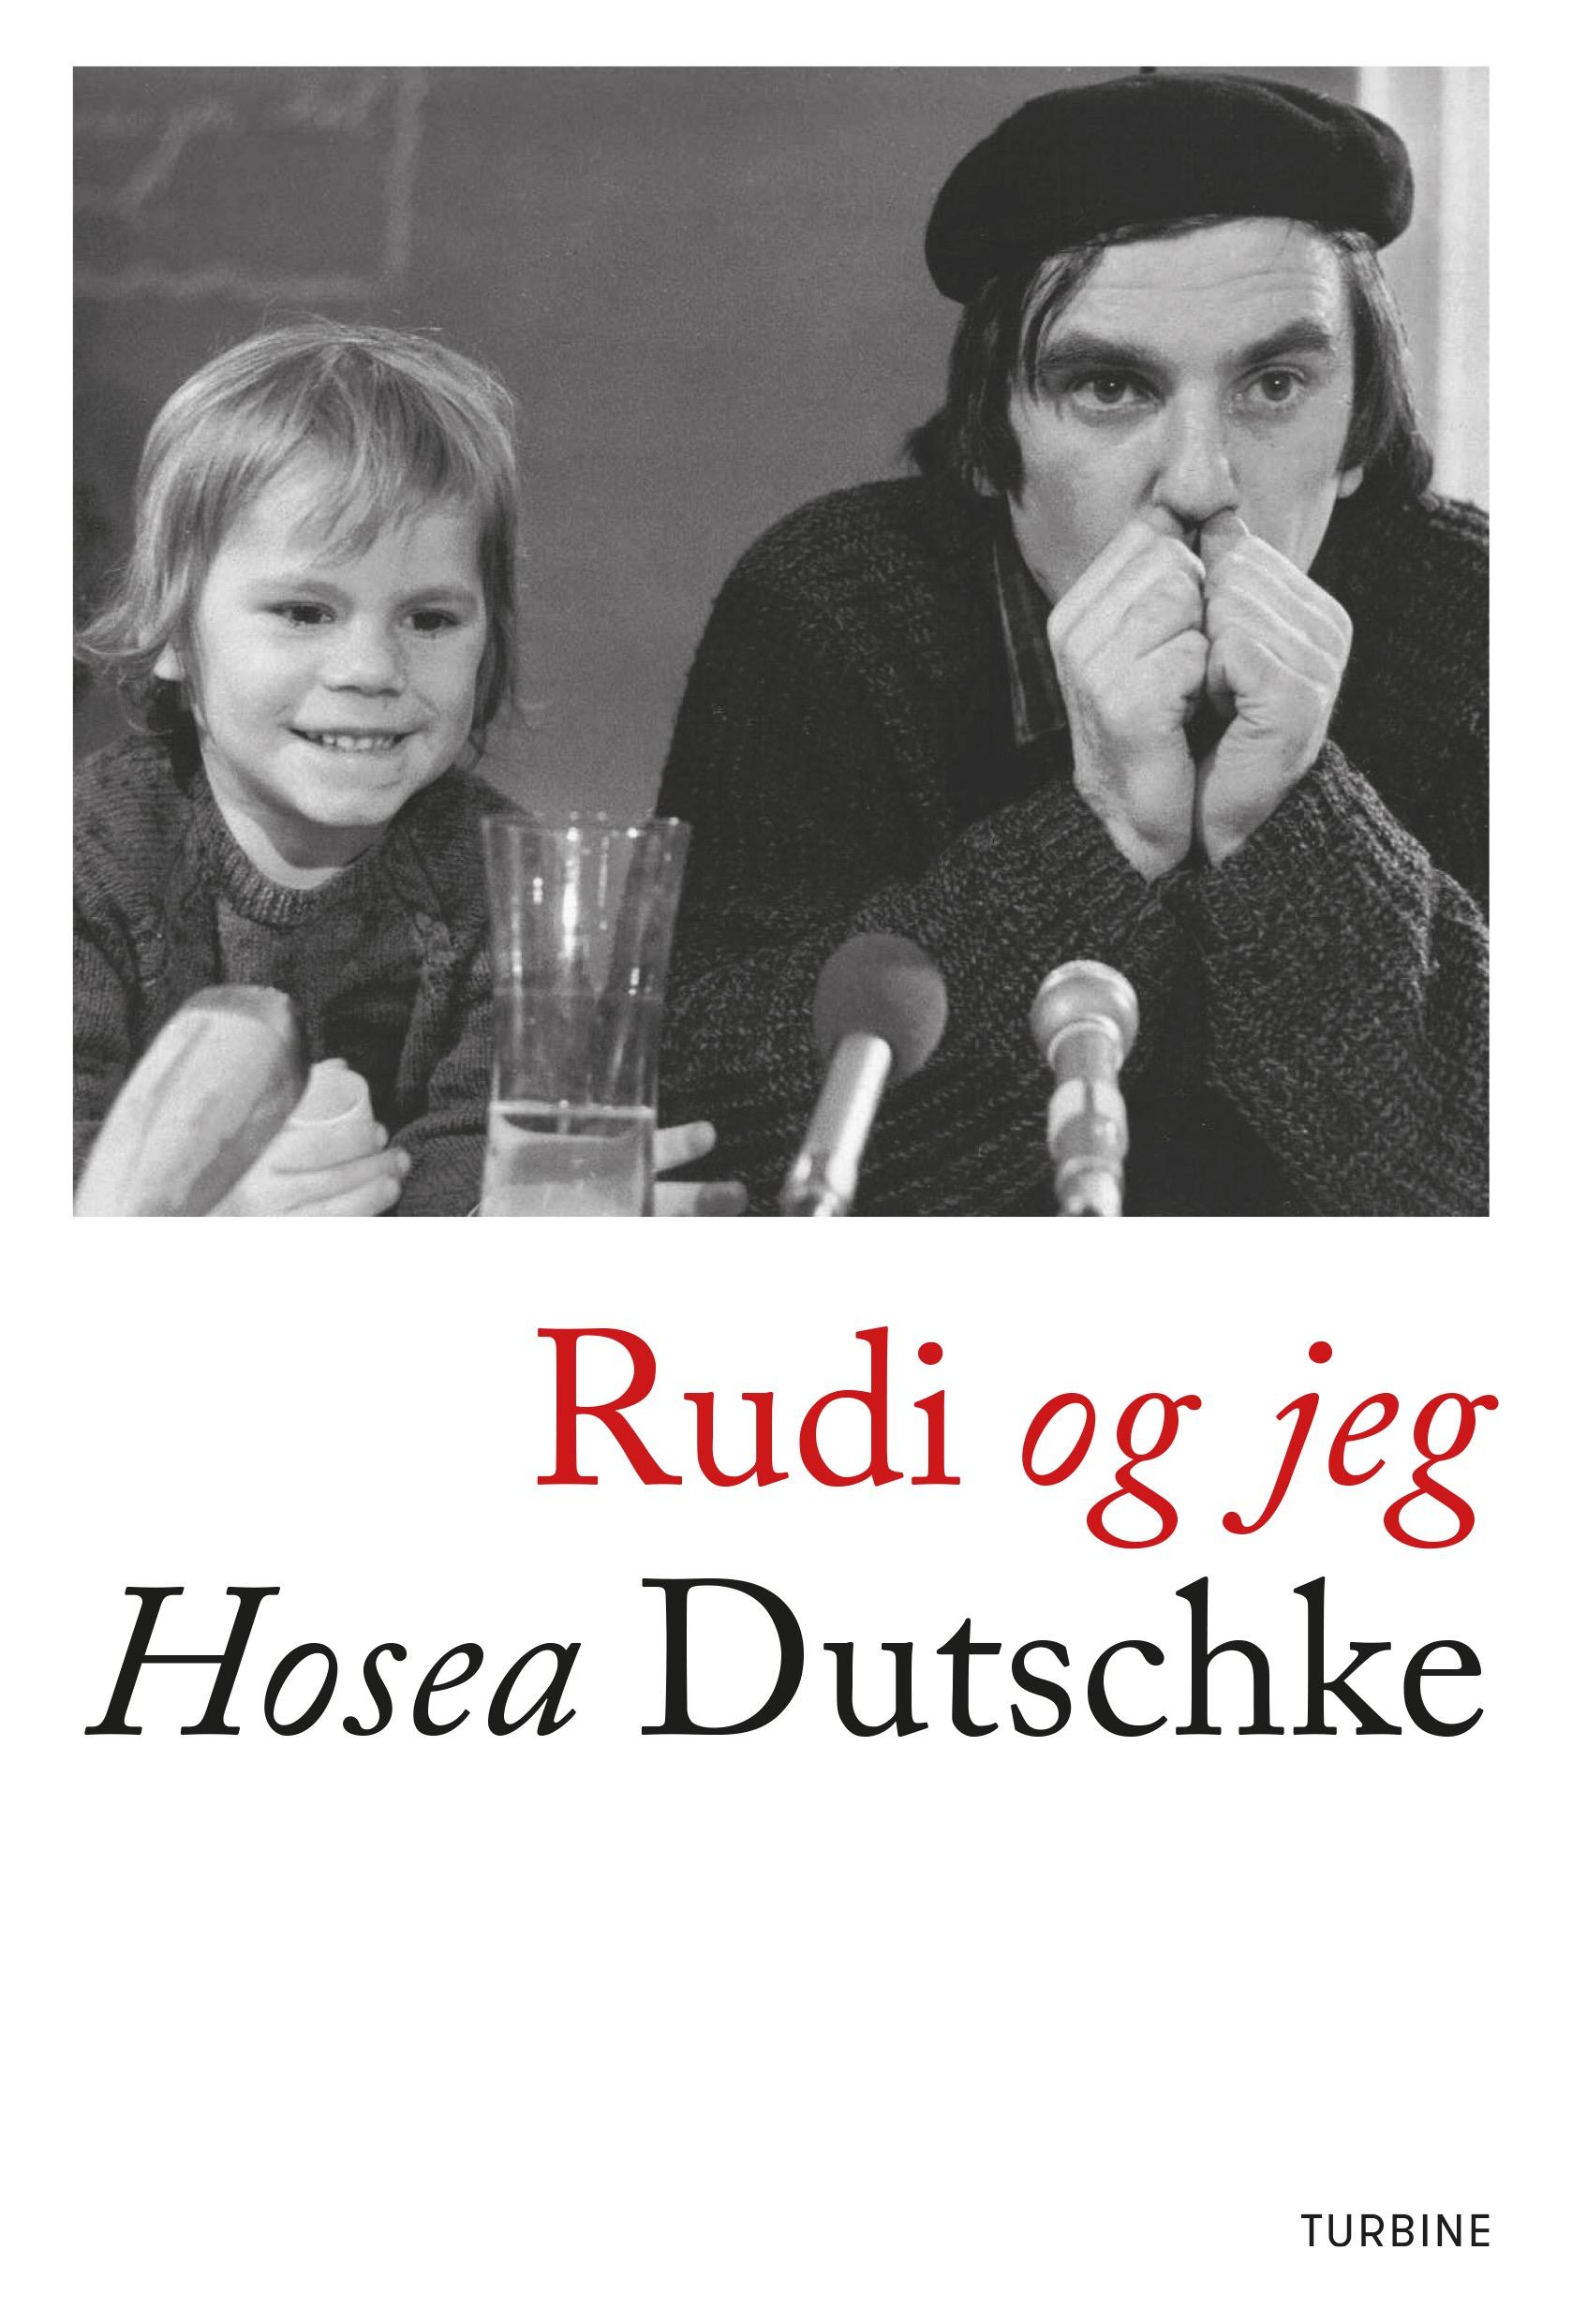 Rudi og jeg - Hosea Dutschke - Bøger - Turbine - 9788740654585 - May 15, 2019